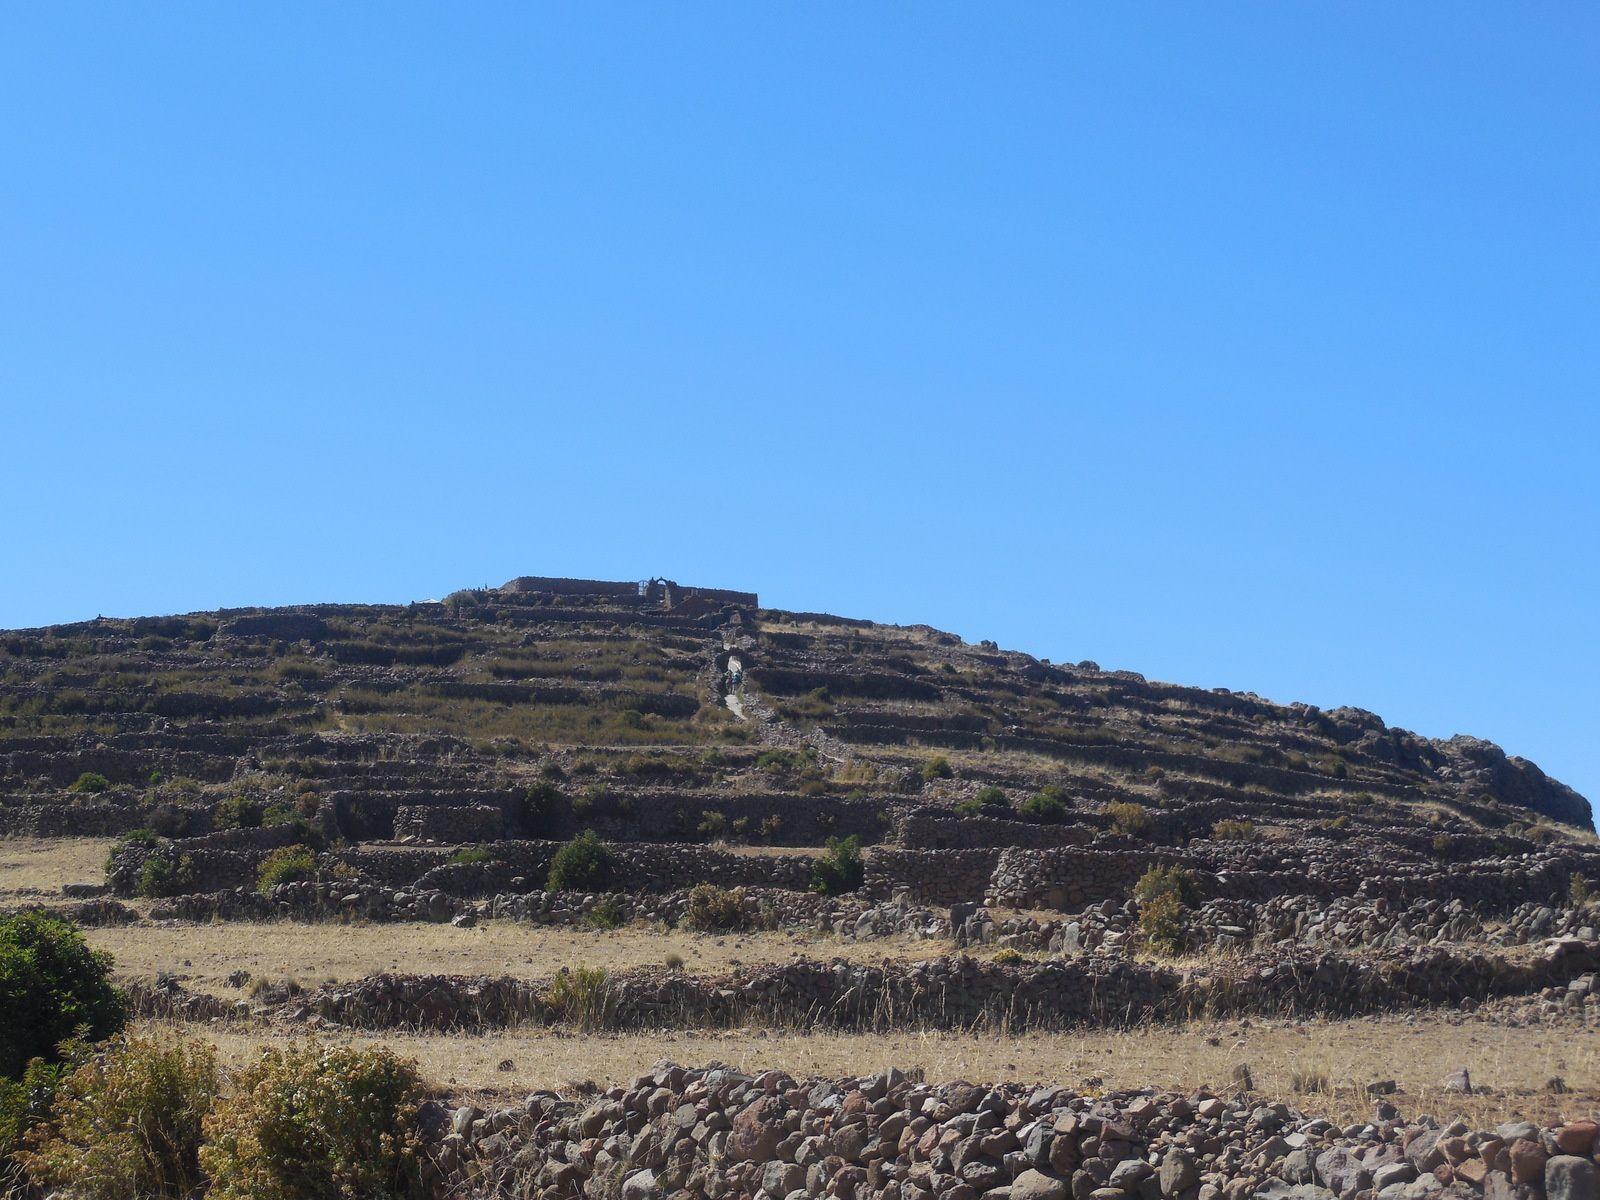 En haut du sommet se trouvent les ruines d'un site pré-inca datant de l'époque Tiahuanaco.